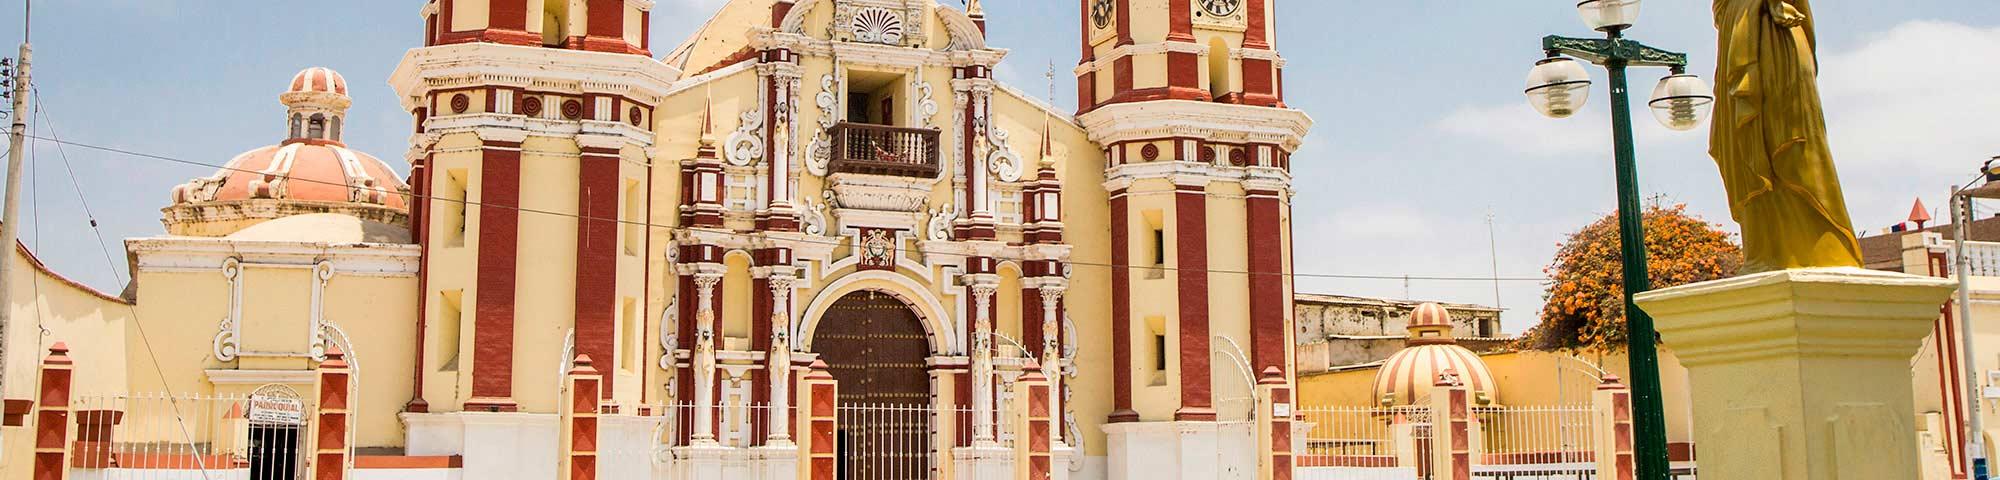 Iglesia Santa Lucía de Ferreñafe